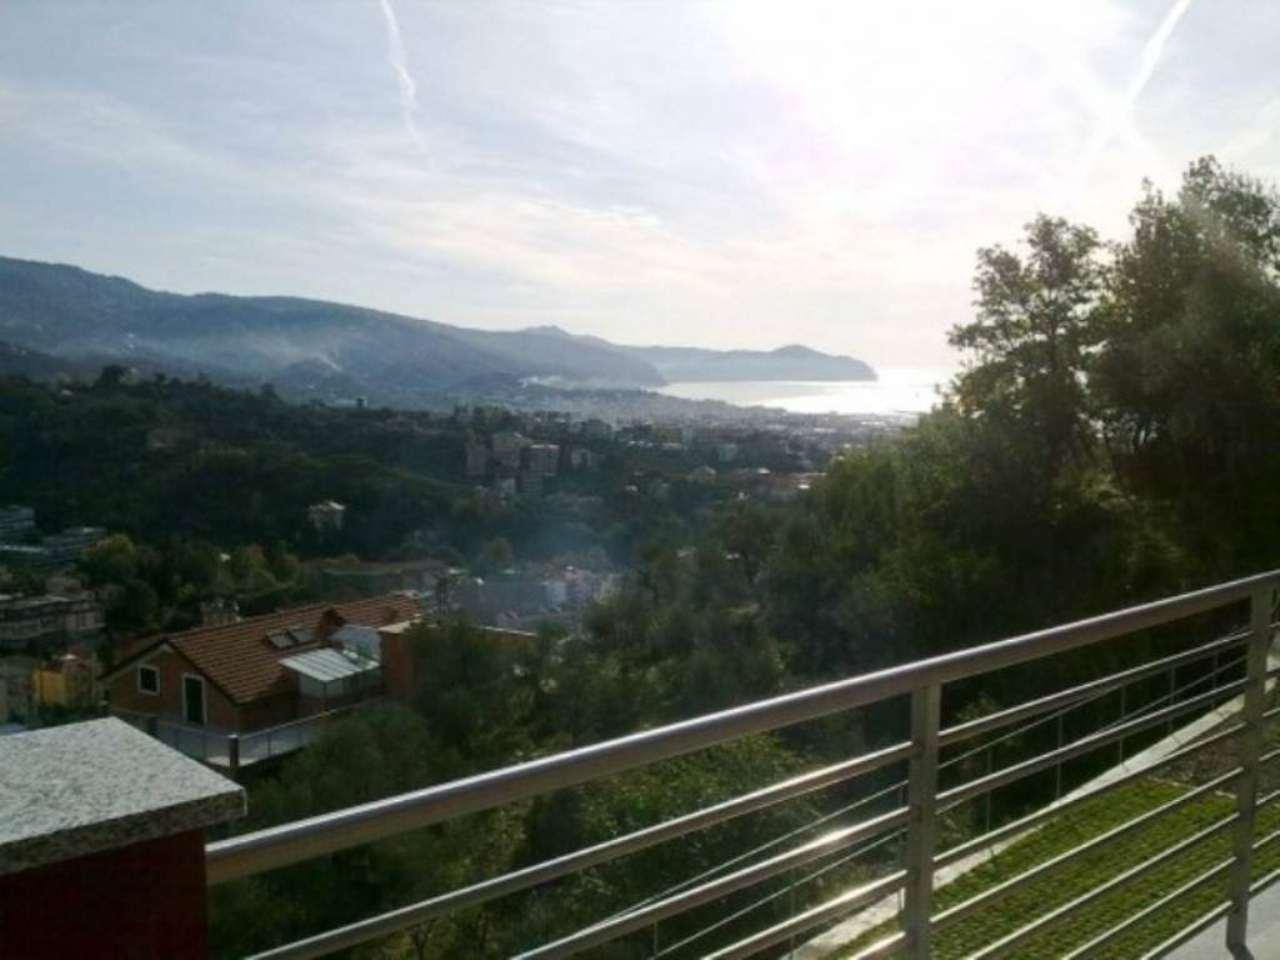 Terreno Edificabile Residenziale in vendita a Chiavari, 9999 locali, prezzo € 350.000 | Cambio Casa.it